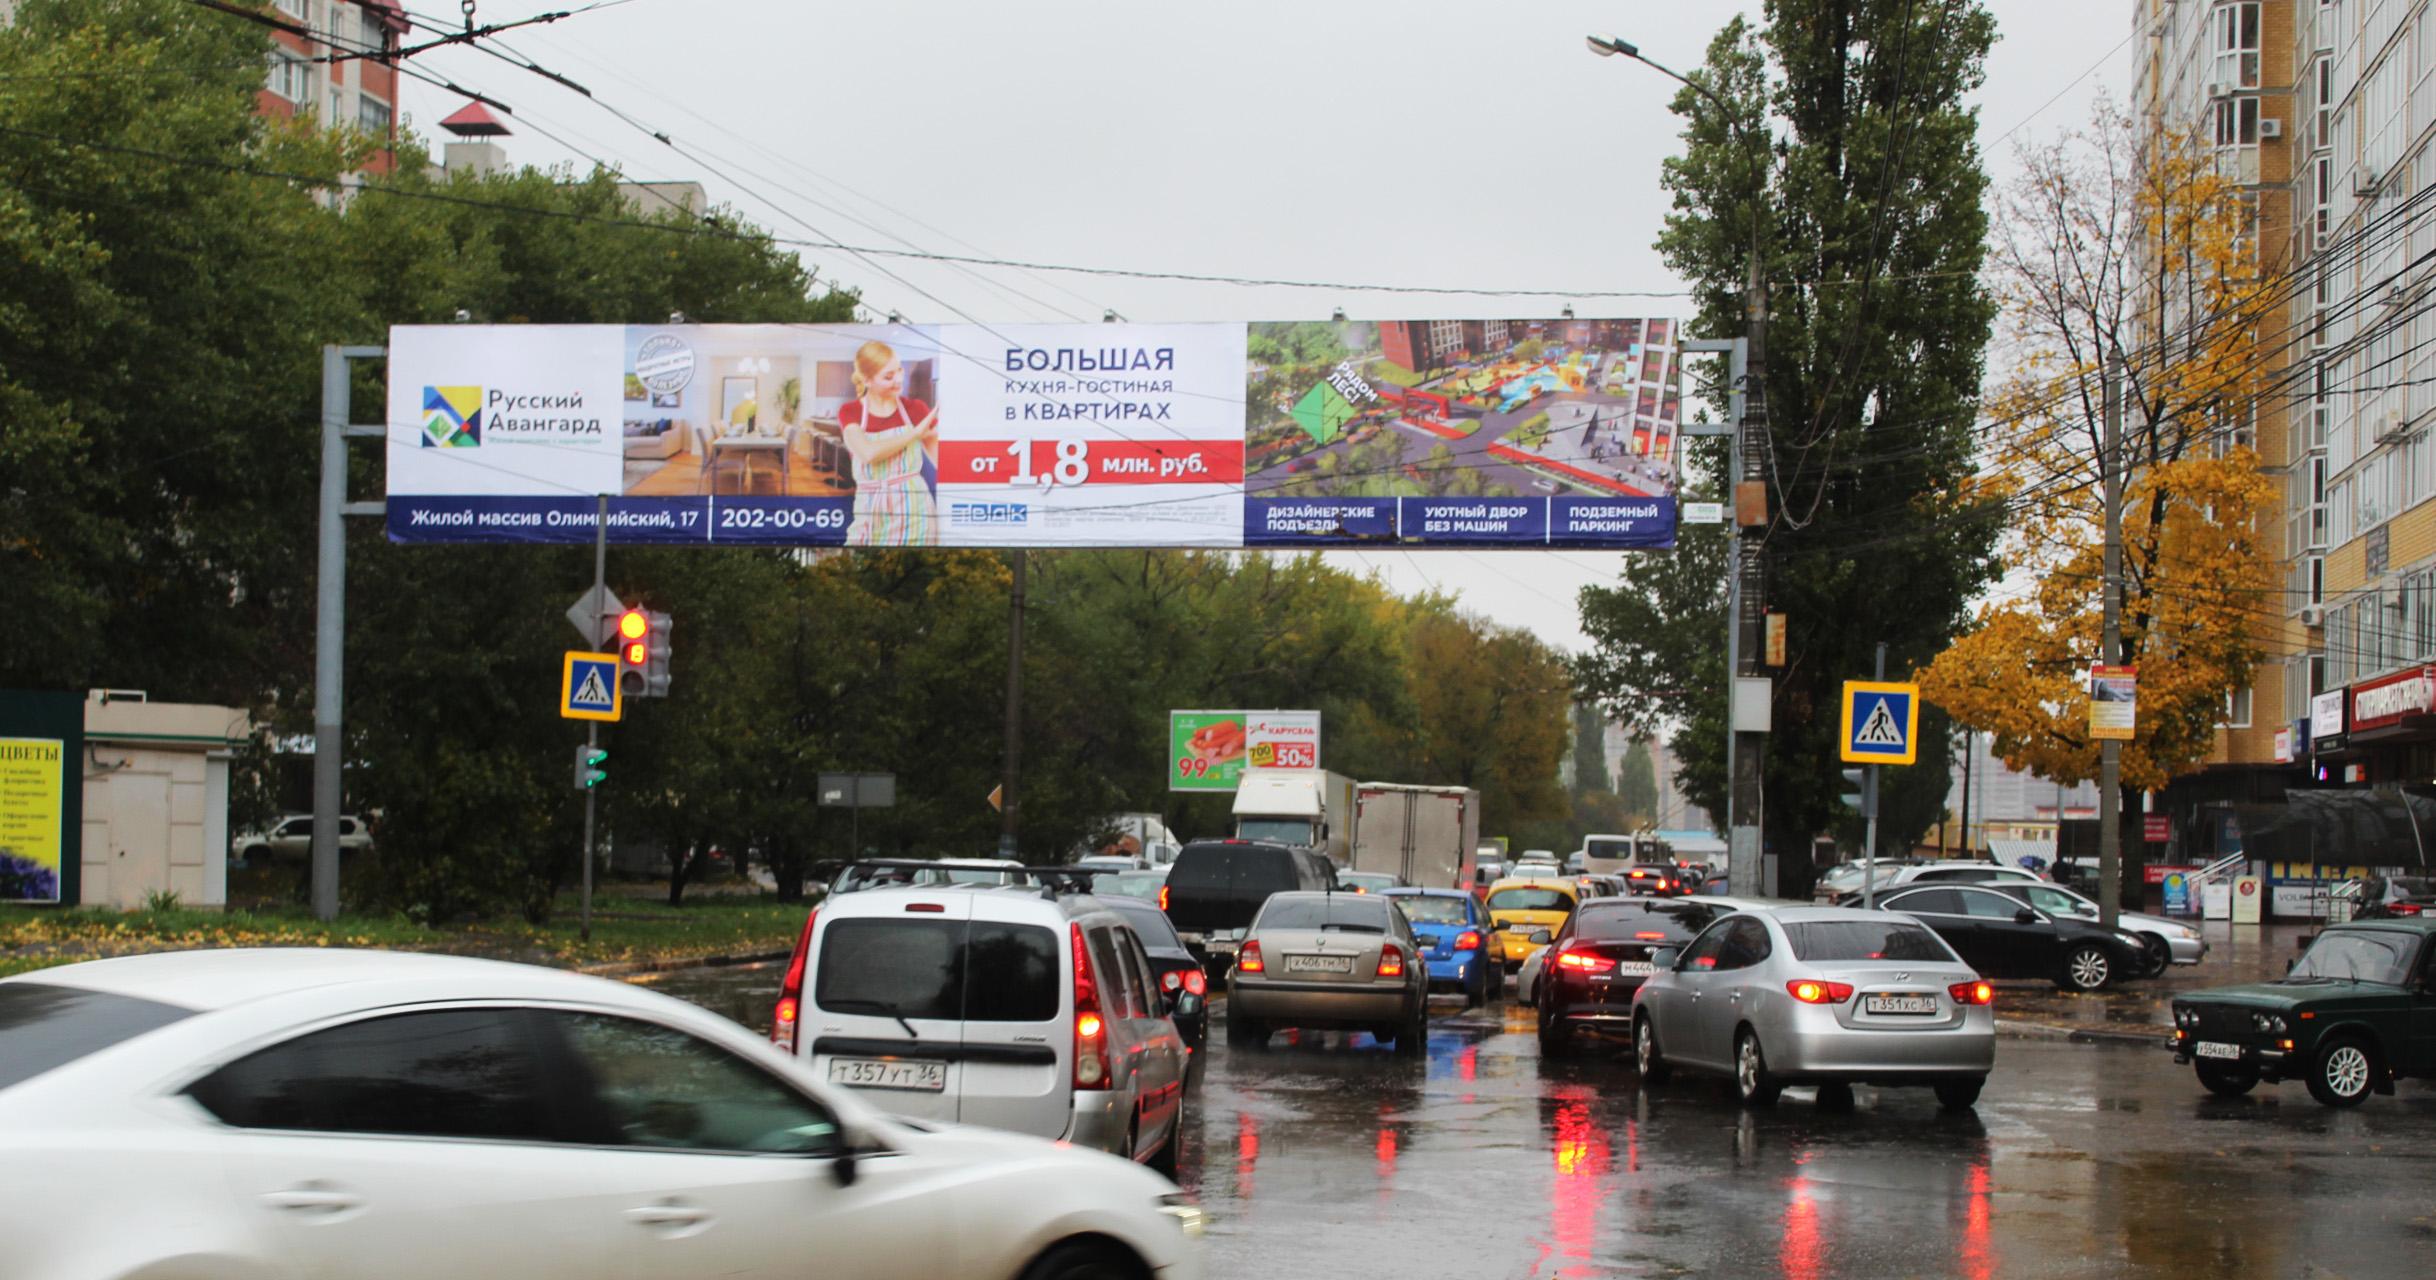 232А1А2А3 ул Шишкова - ул Беговая портал в северный р-он (2)